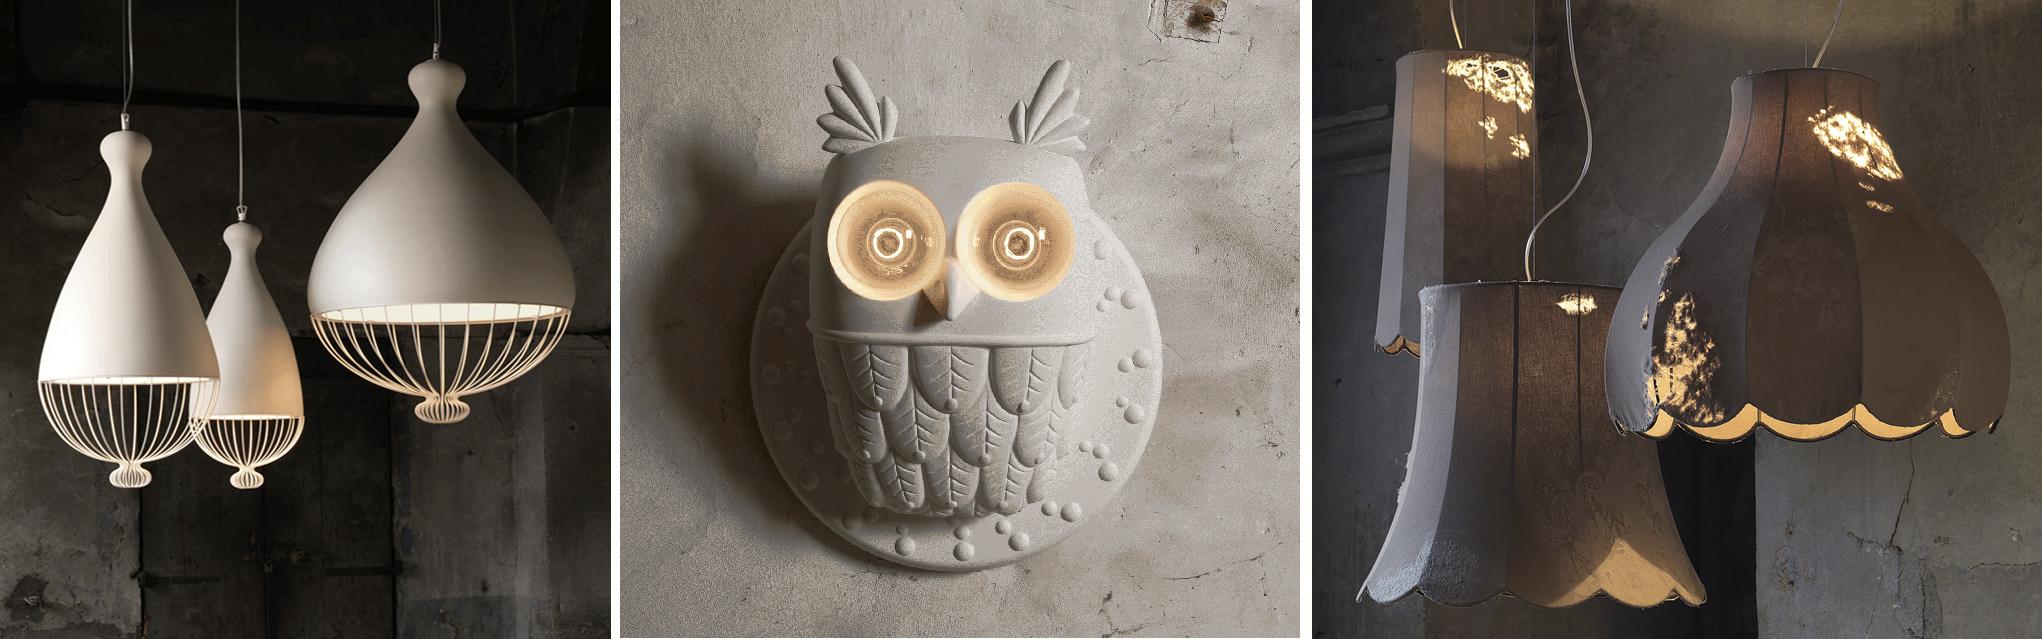 Diseña tu luz - interiorismo y arquitectura